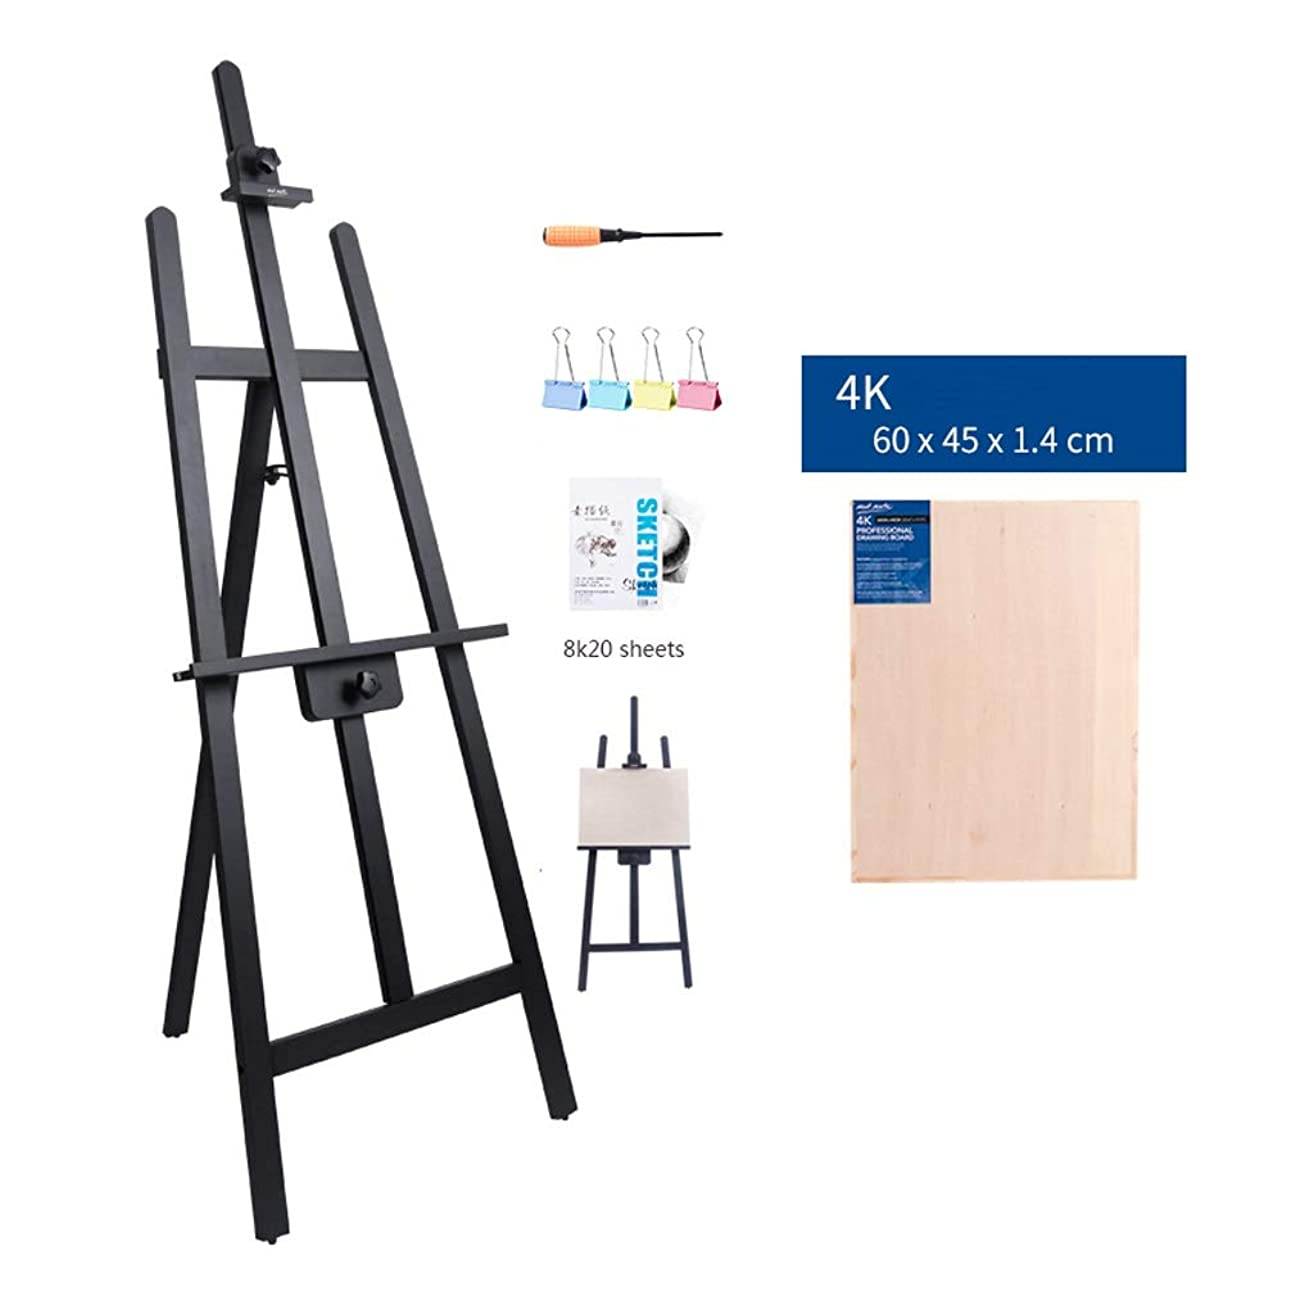 終わらせる土見分ける木製イーゼル高調整可能立ちイーゼル画家学生大人の三脚に描画ボード3色 h905 (Color : Black, Size : 4K drawing board)